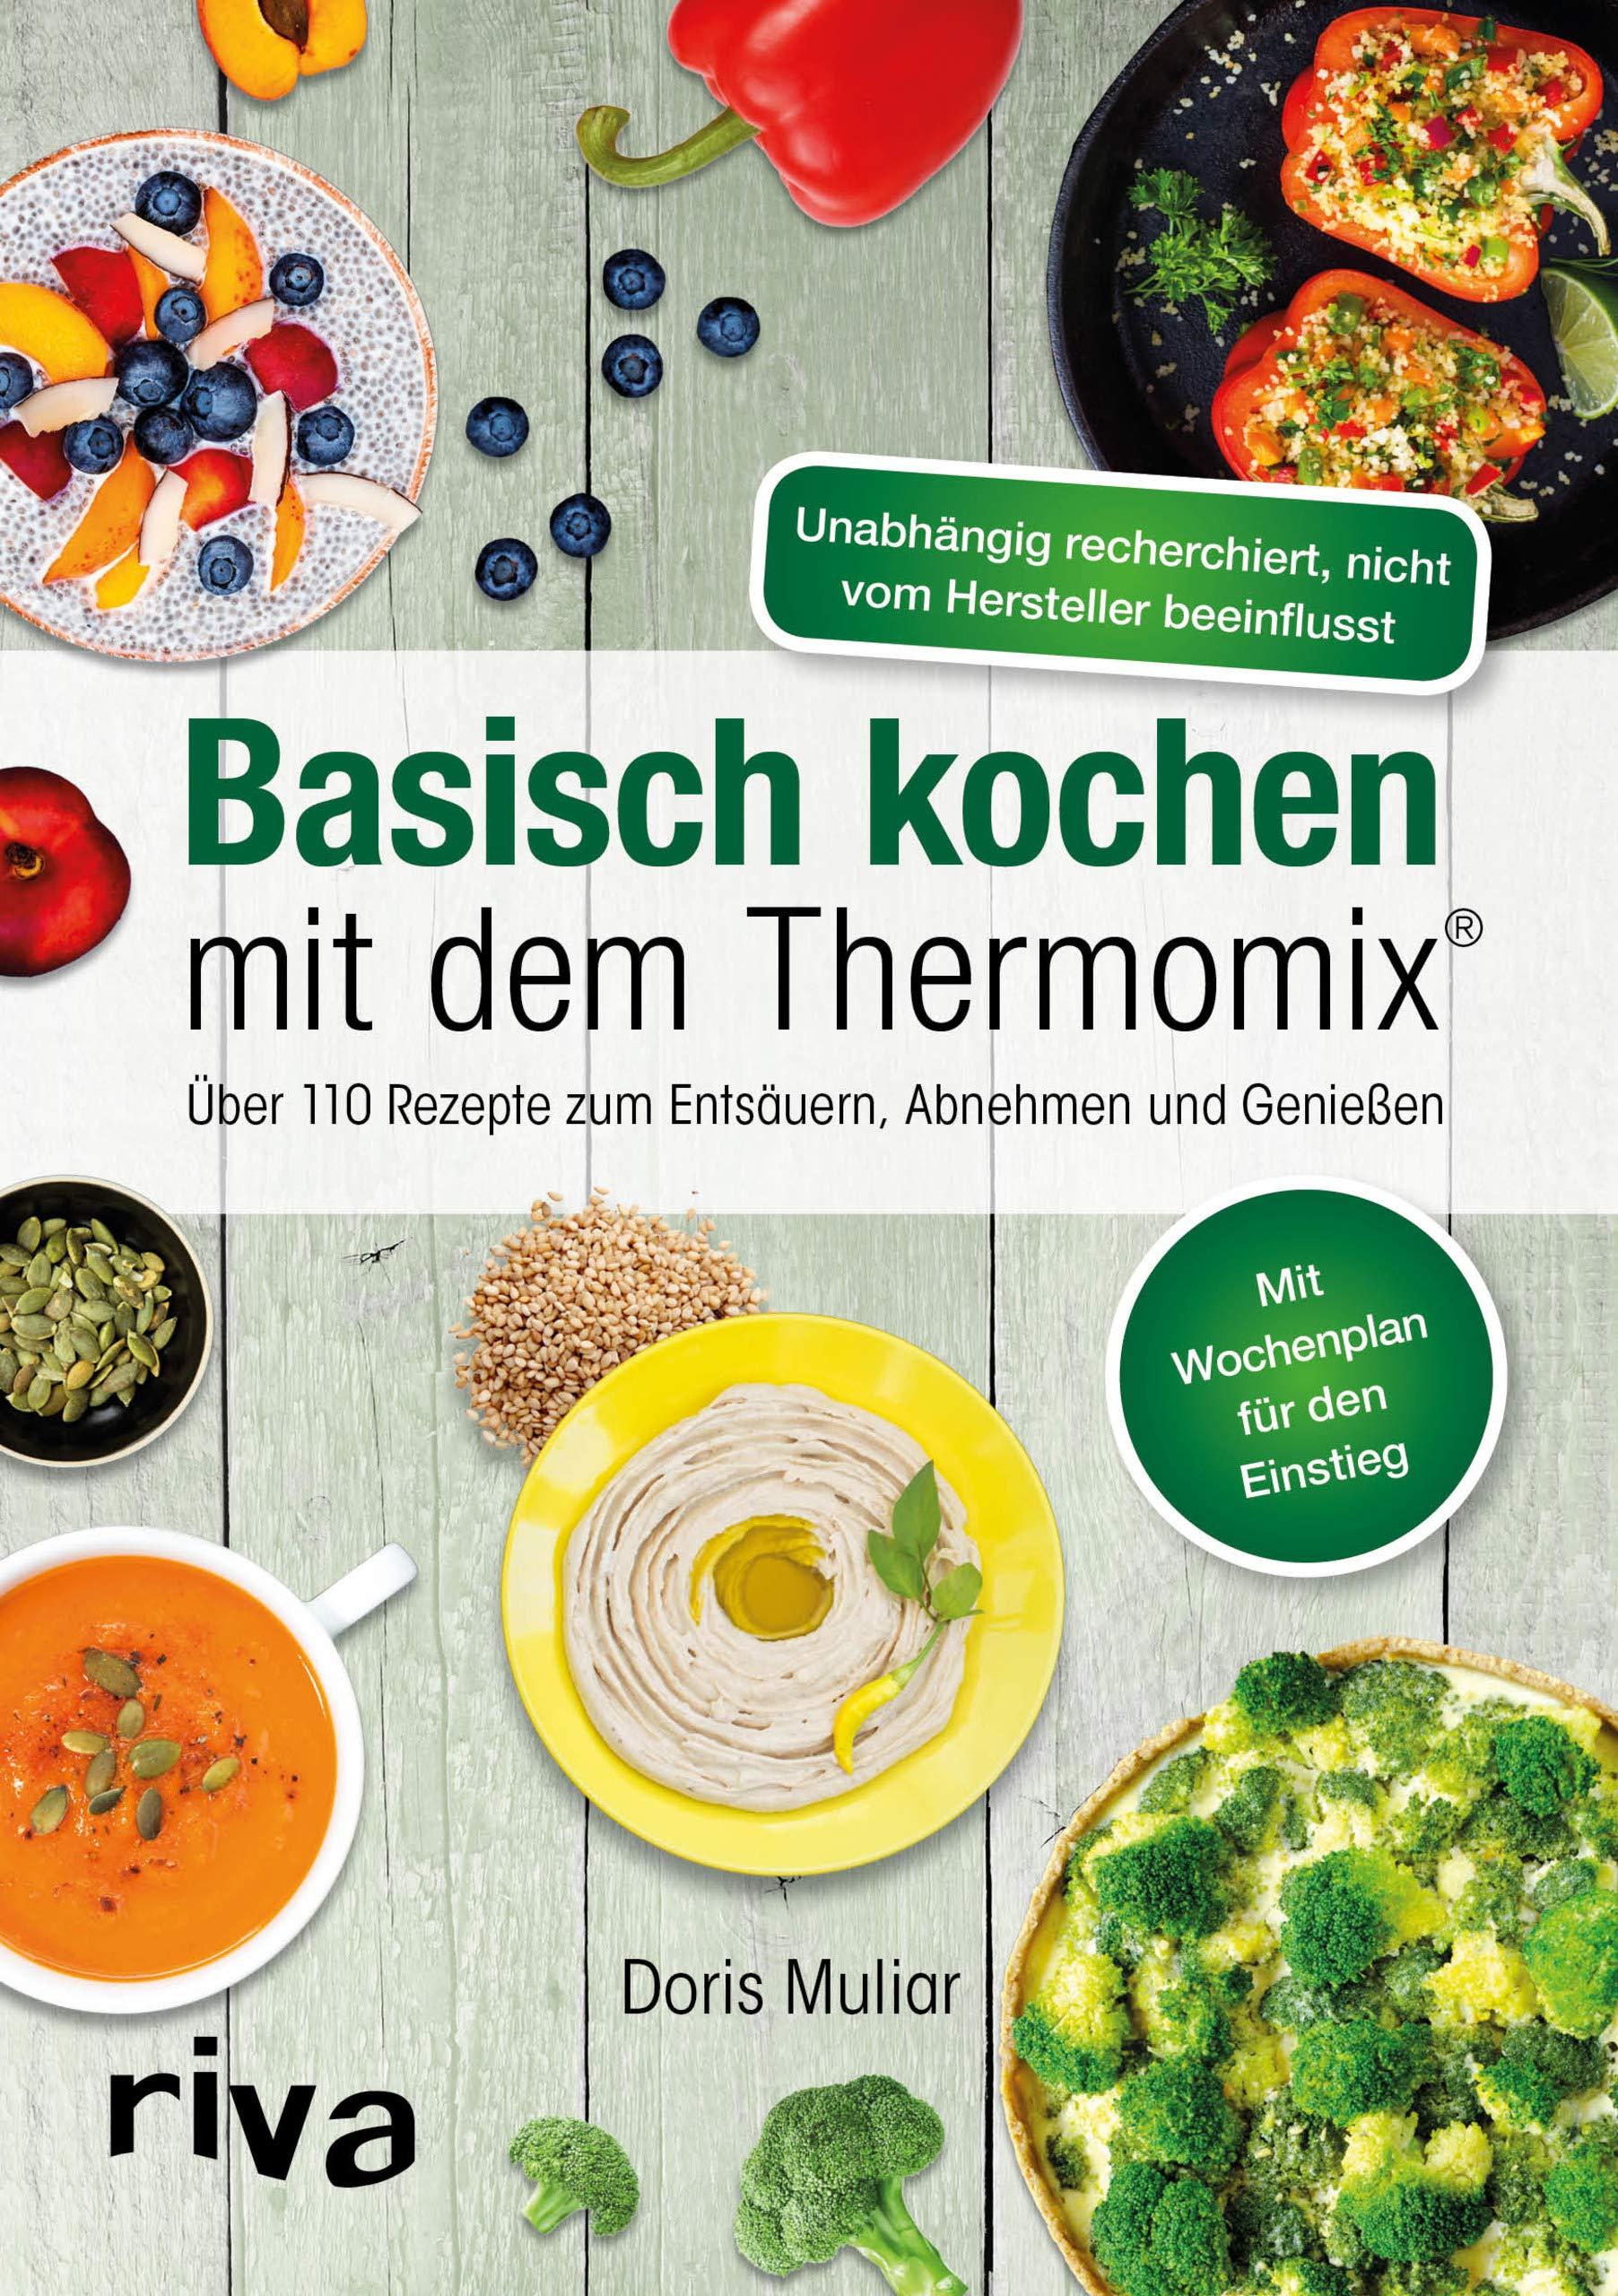 Rezepte mit Thermomix zum Abnehmen